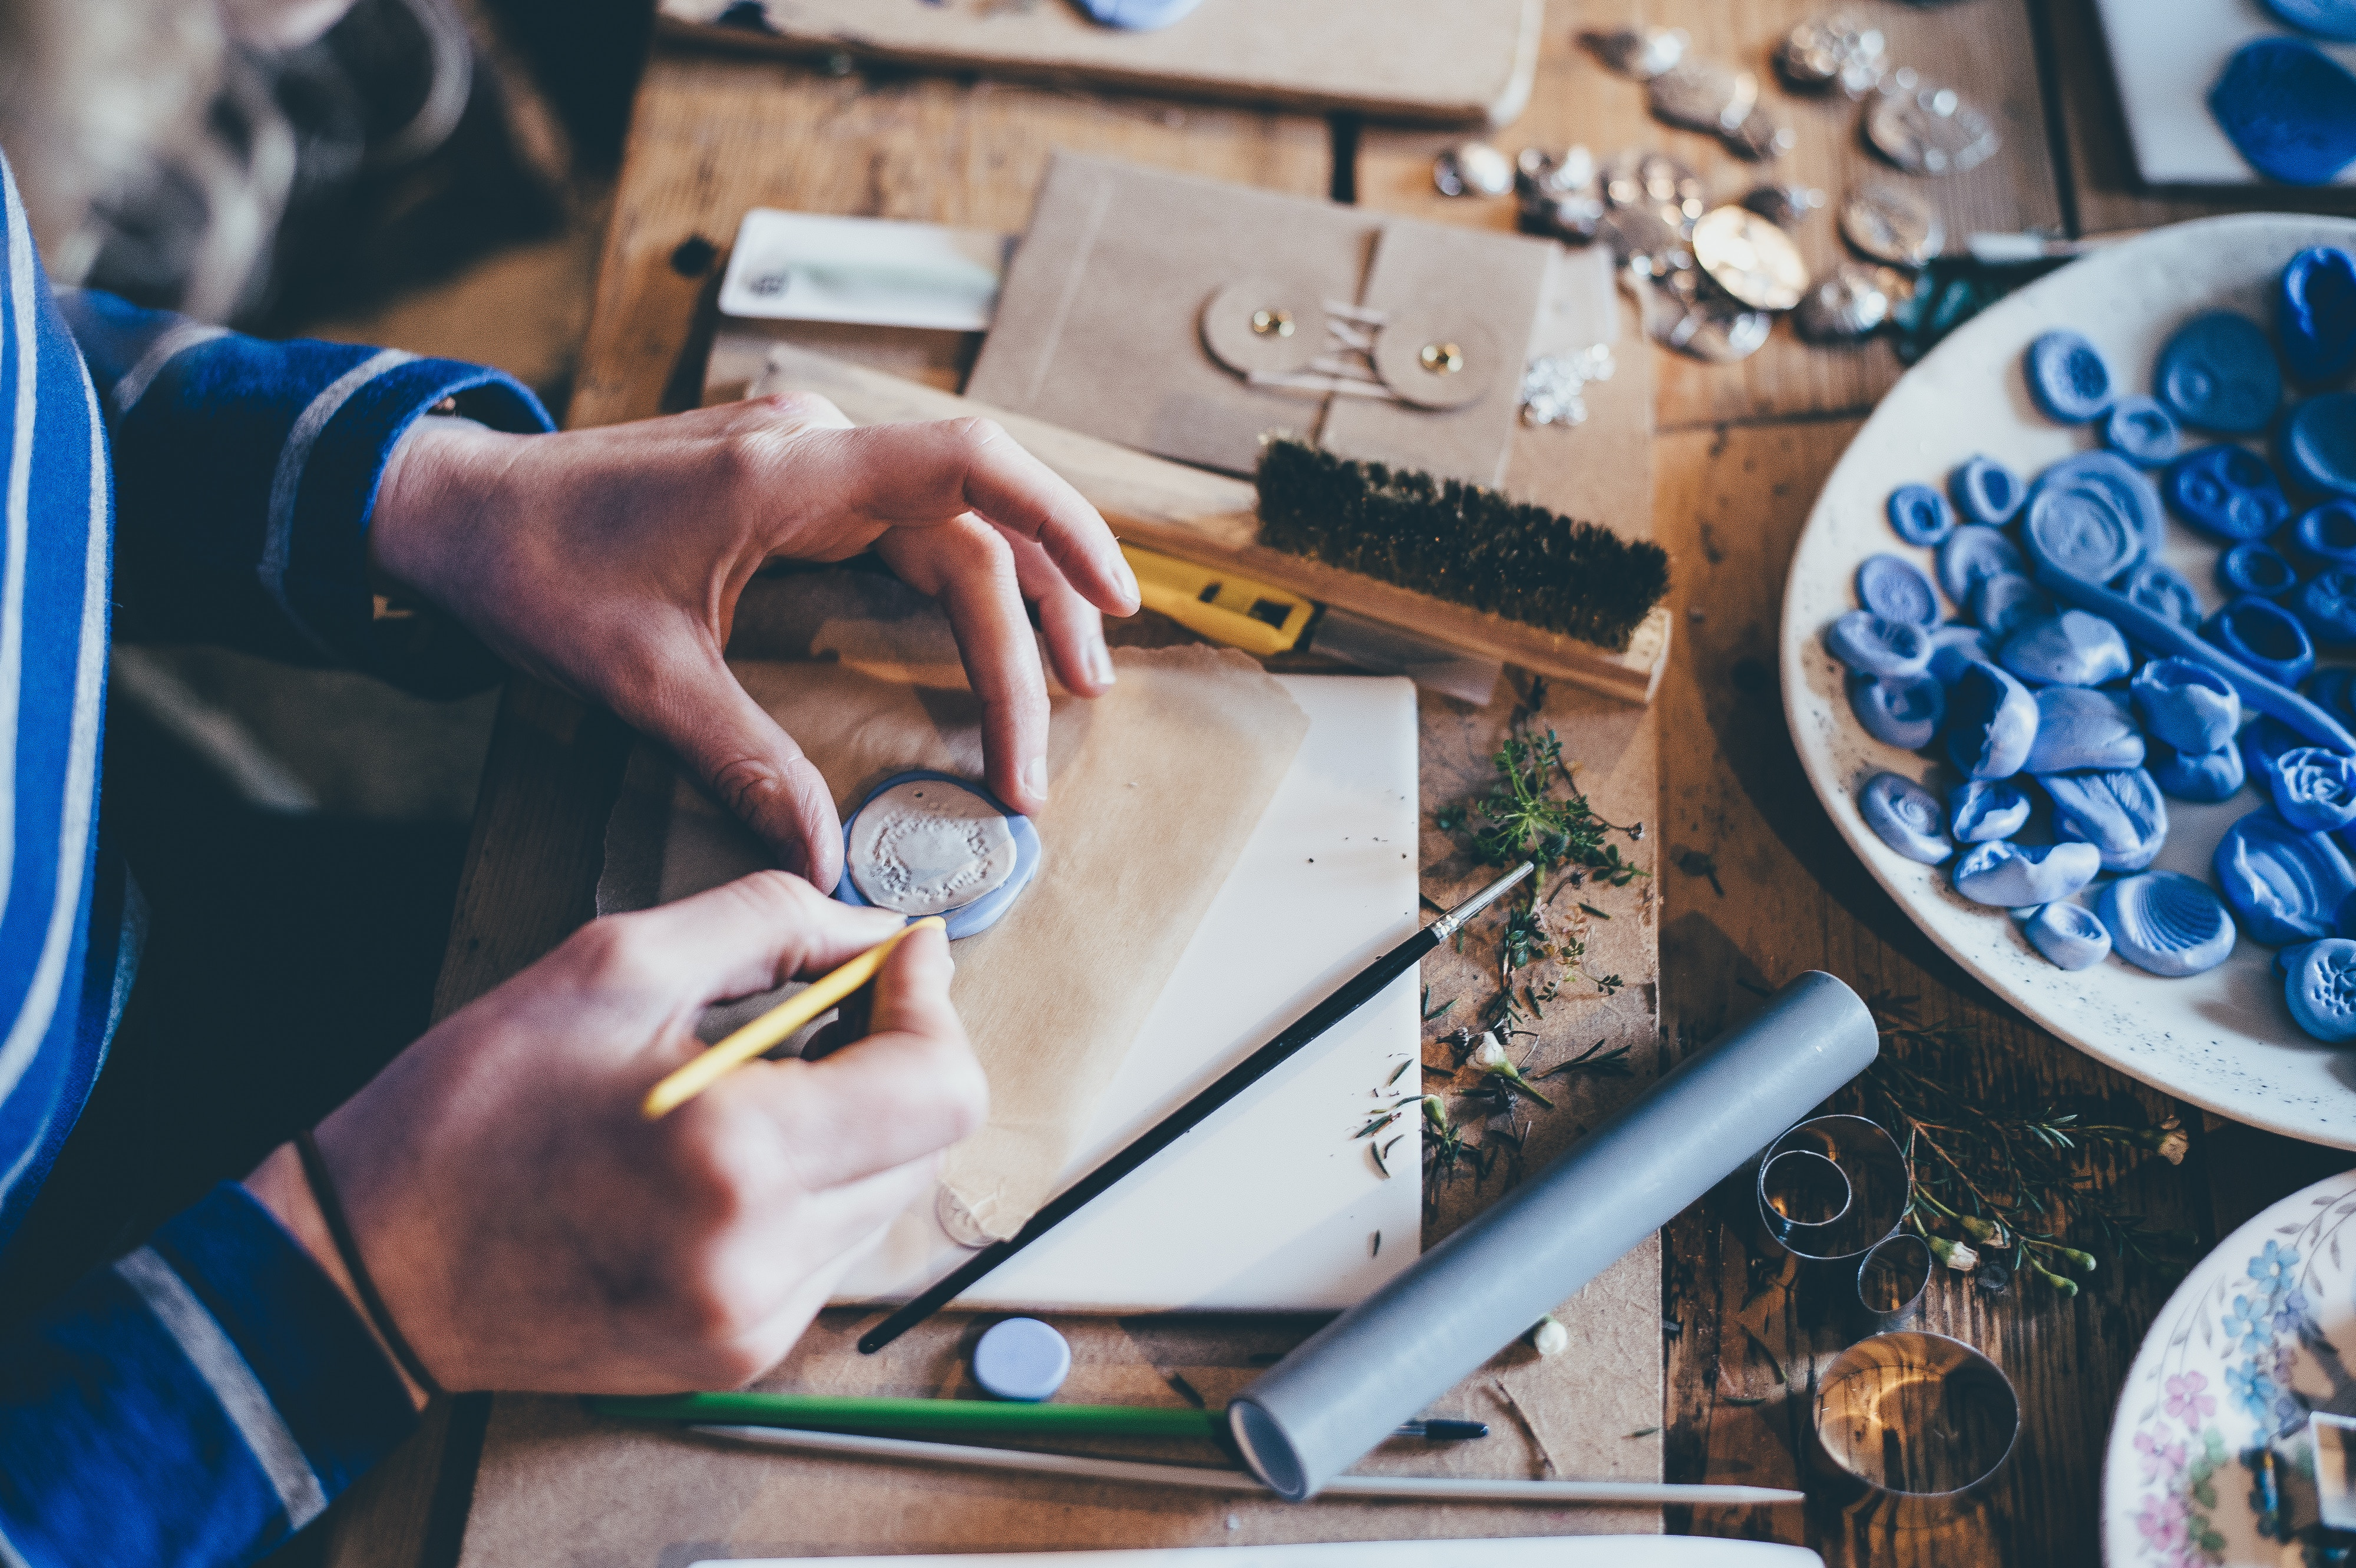 Negócios artesanais como uma boa oportunidade de sucesso